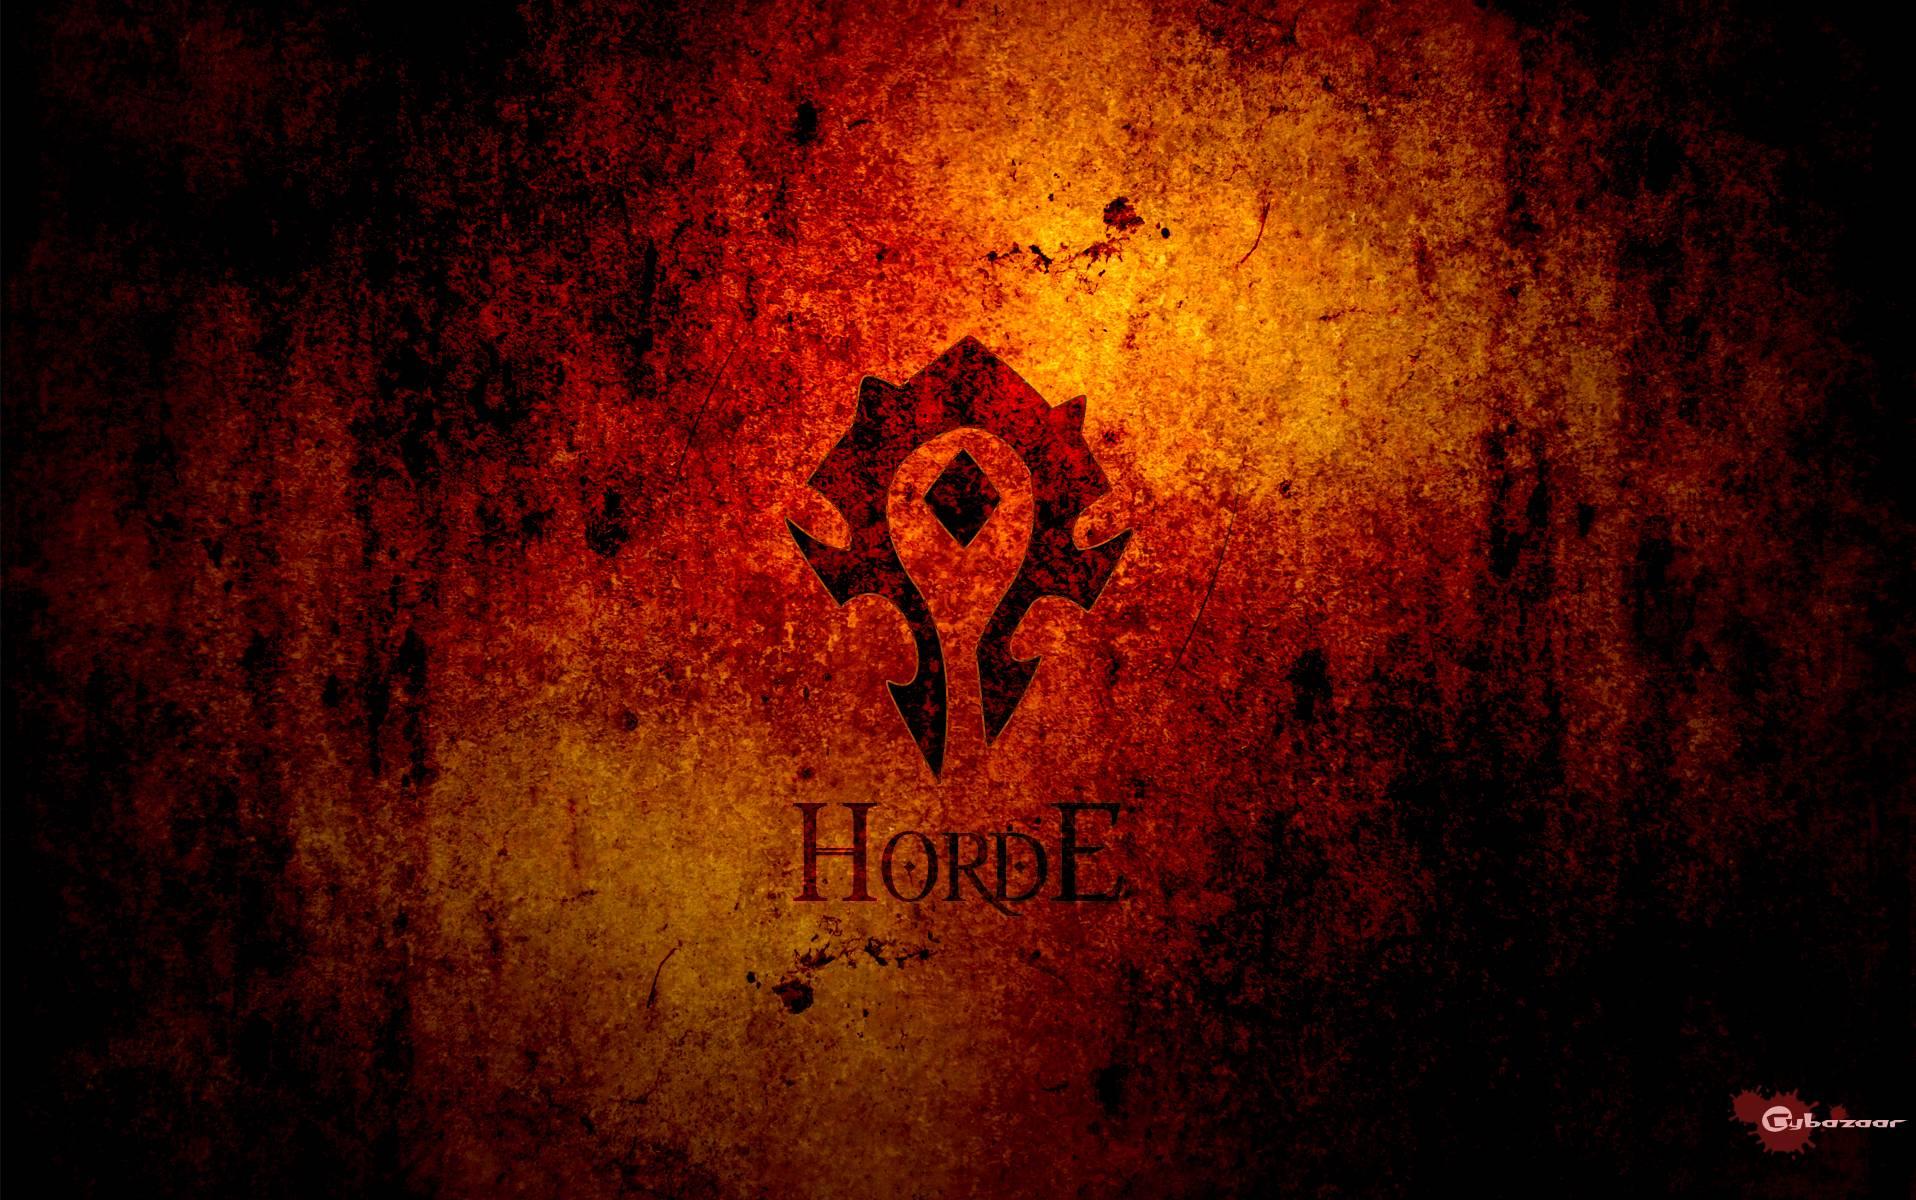 Horde Symbol Wallpapers - Wallpaper Cave